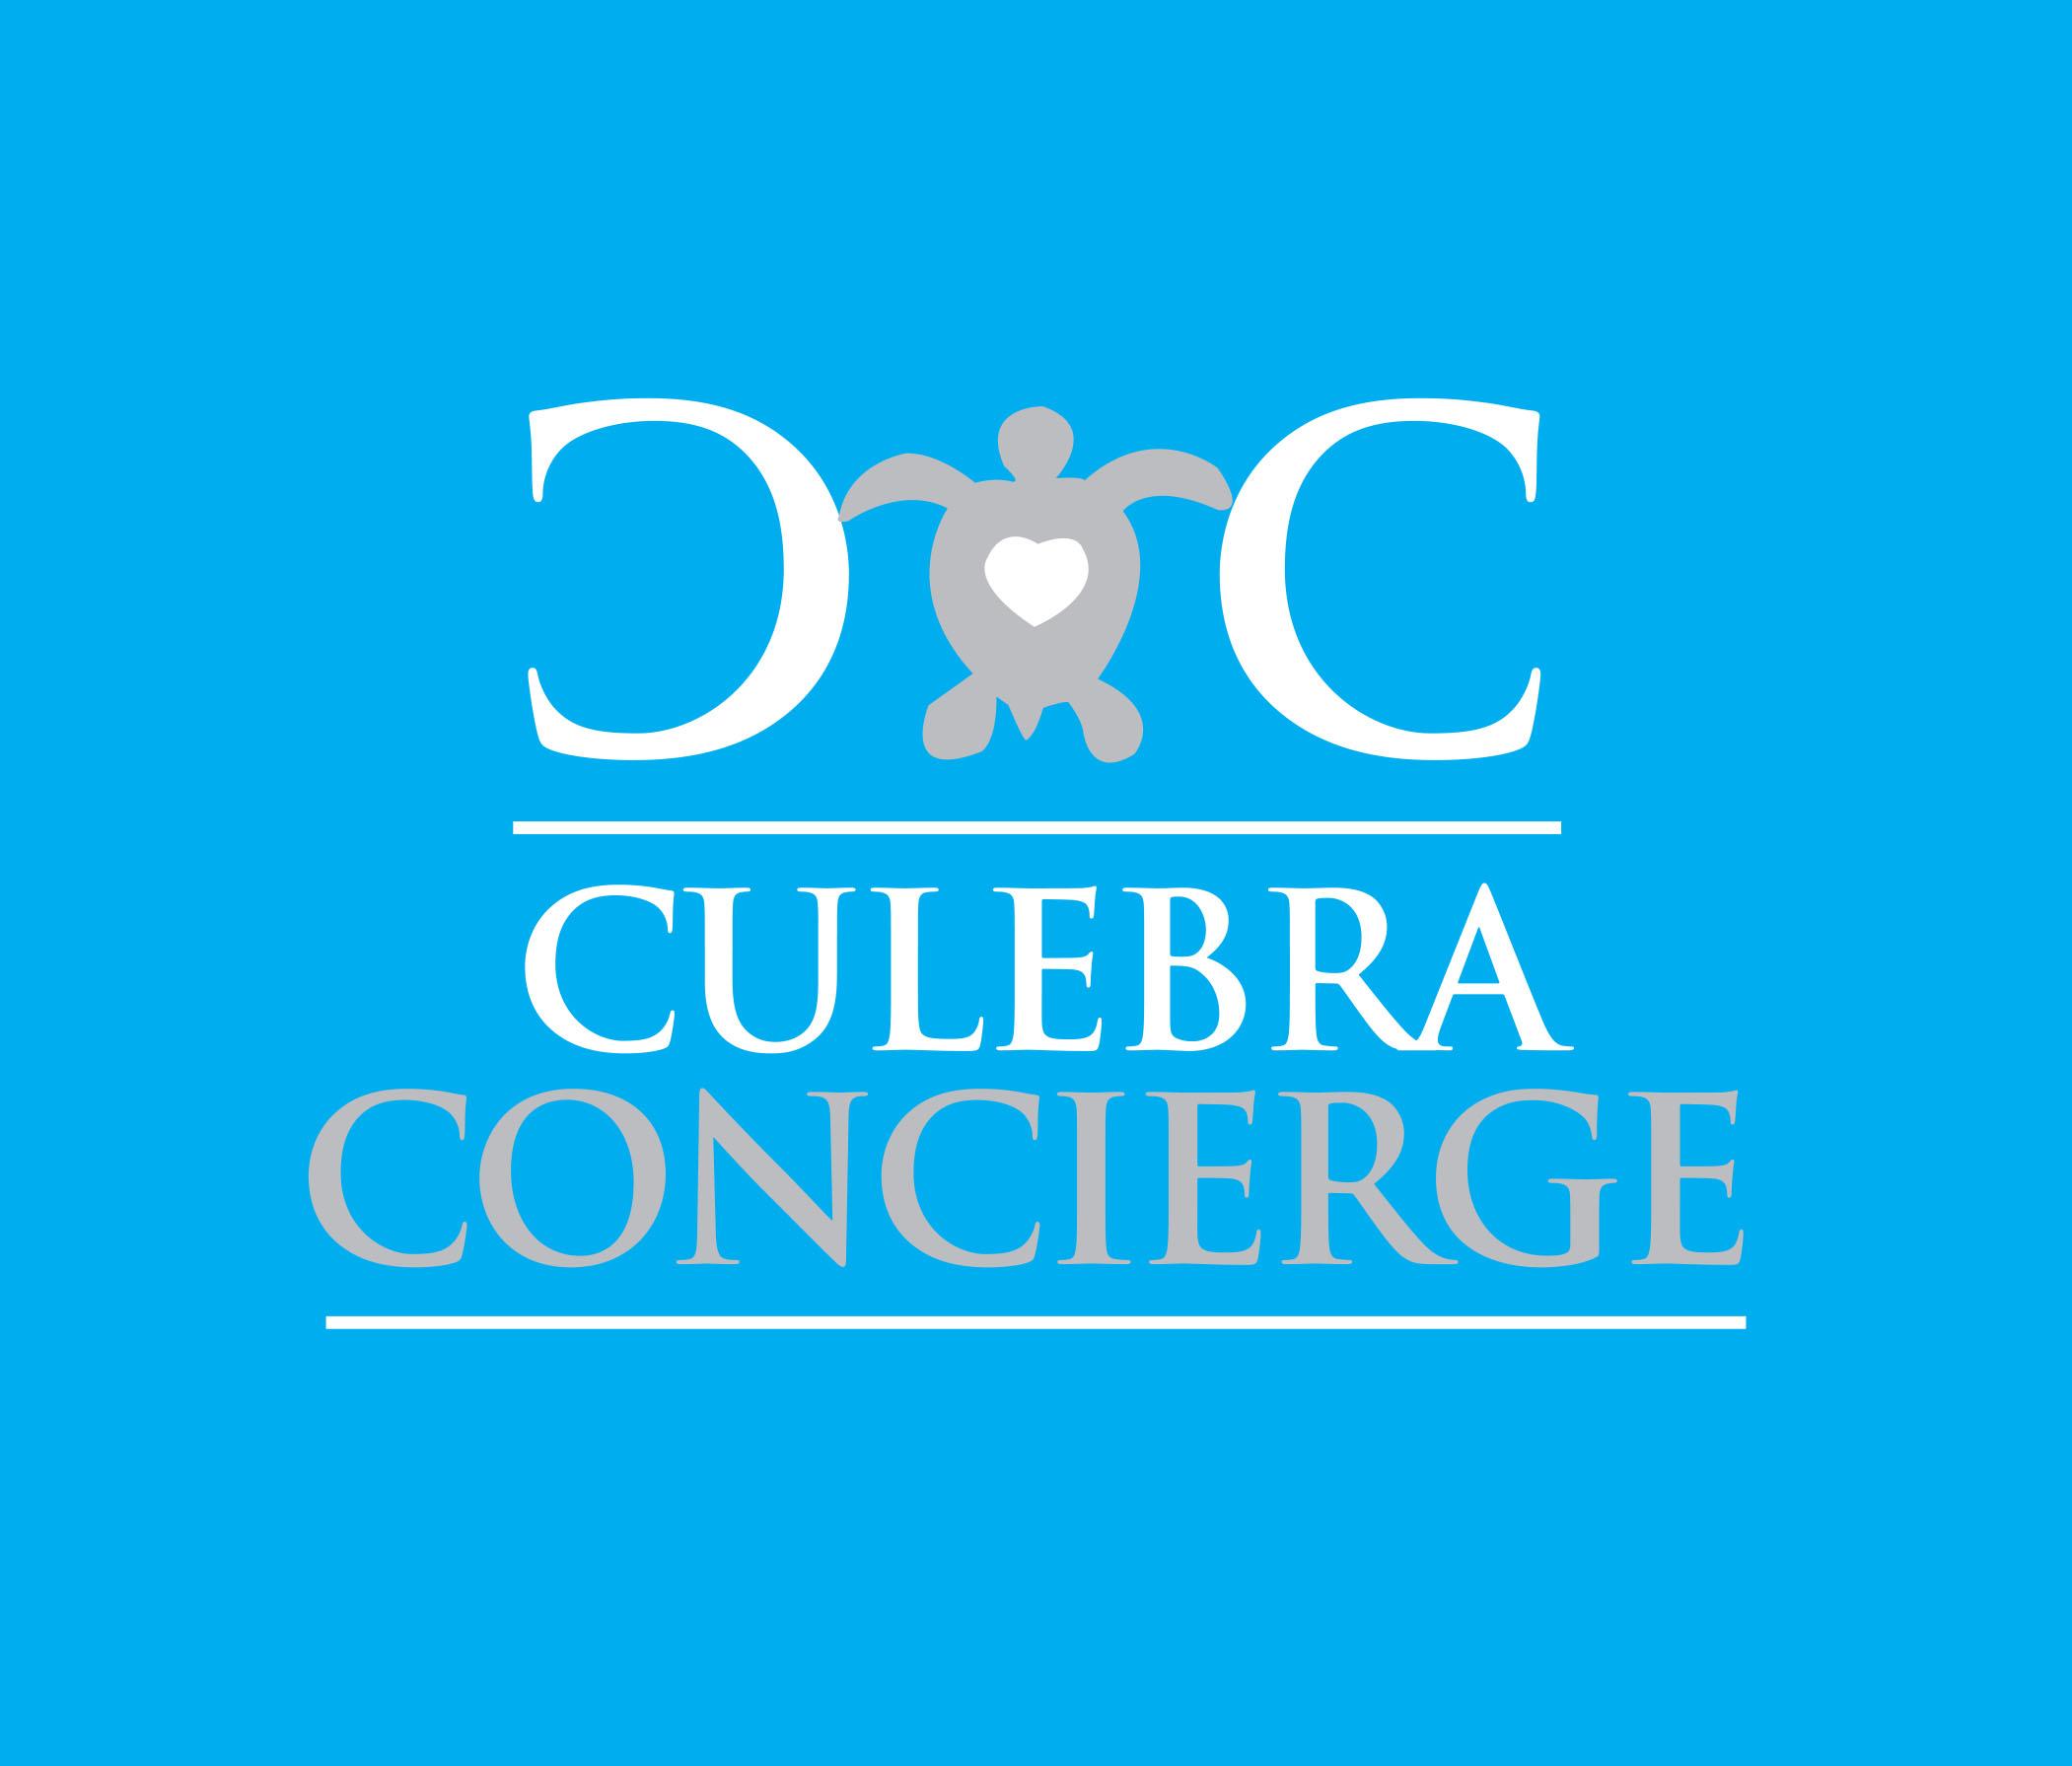 Culebra Concierge